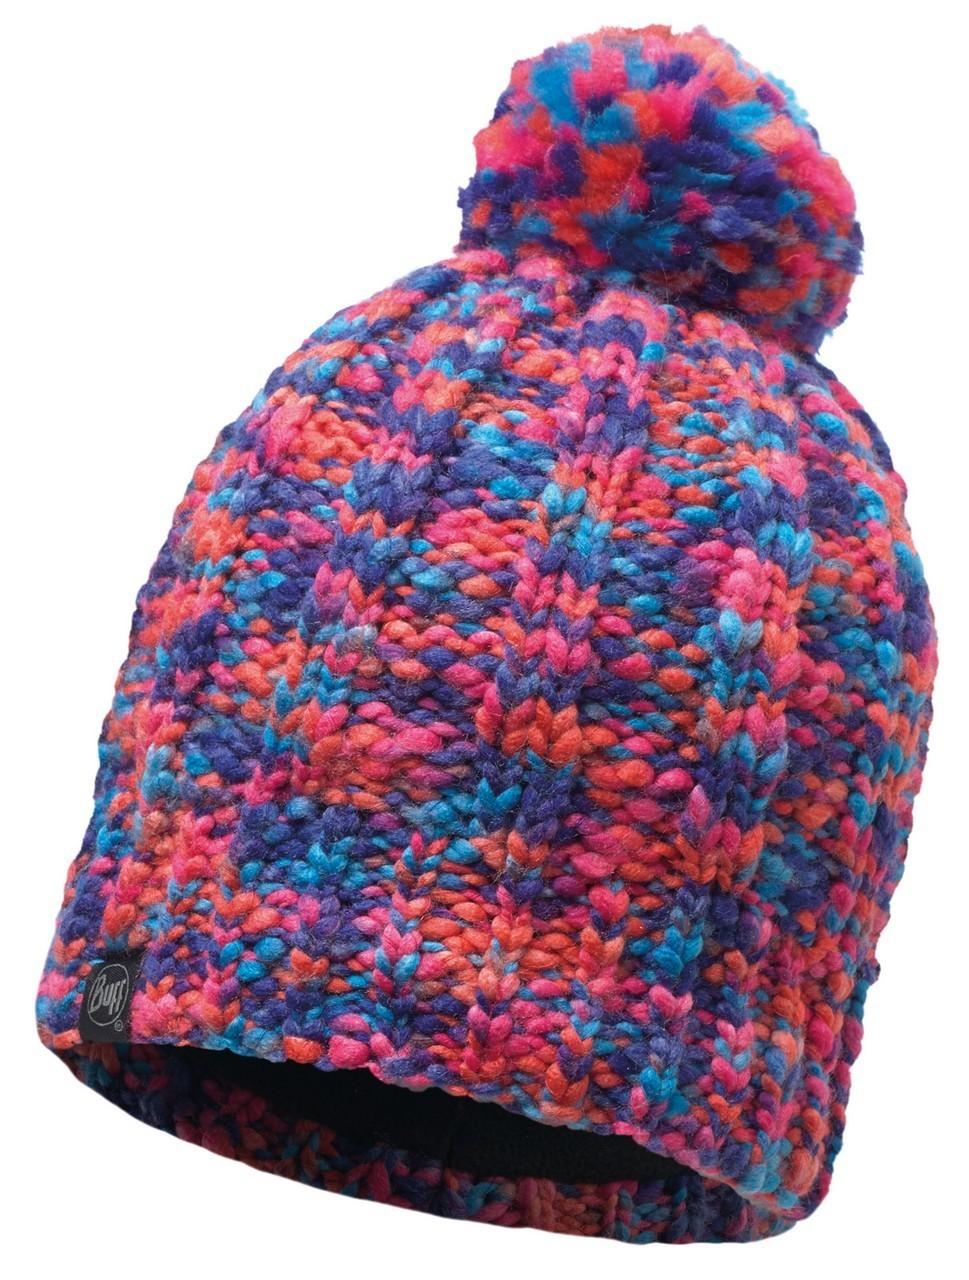 Шапки крупной вязки Вязаная шапка с флисовой подкладкой Buff Livy Orange 116021.204.10.00.jpg